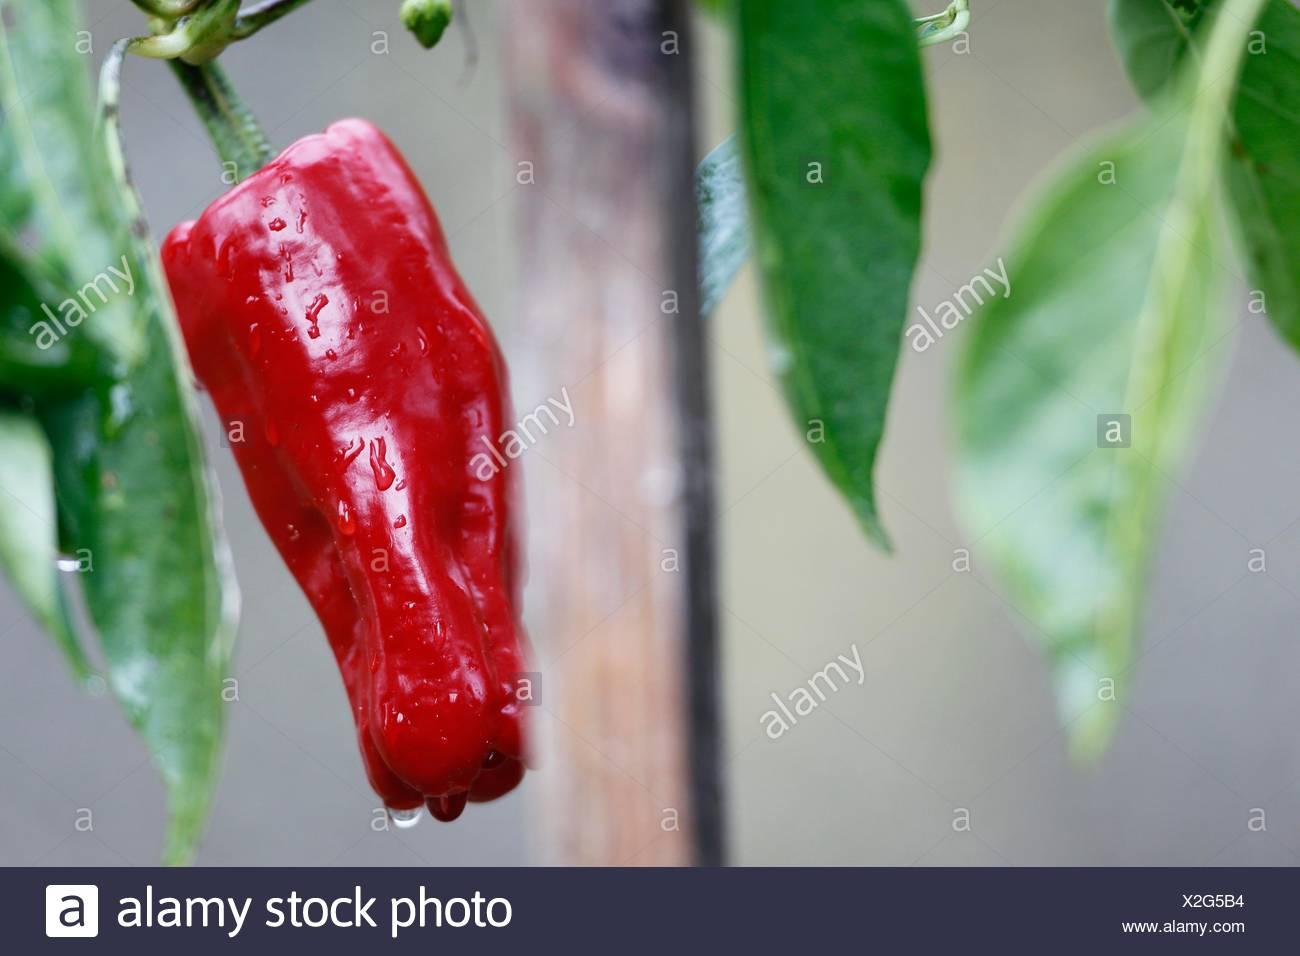 Il pepe è uno degli ortaggi più comunemente utilizzato quando cocinar essenziale.ingrediente di molti piatti, peperoni vengono in una varietà di forme e colori Immagini Stock